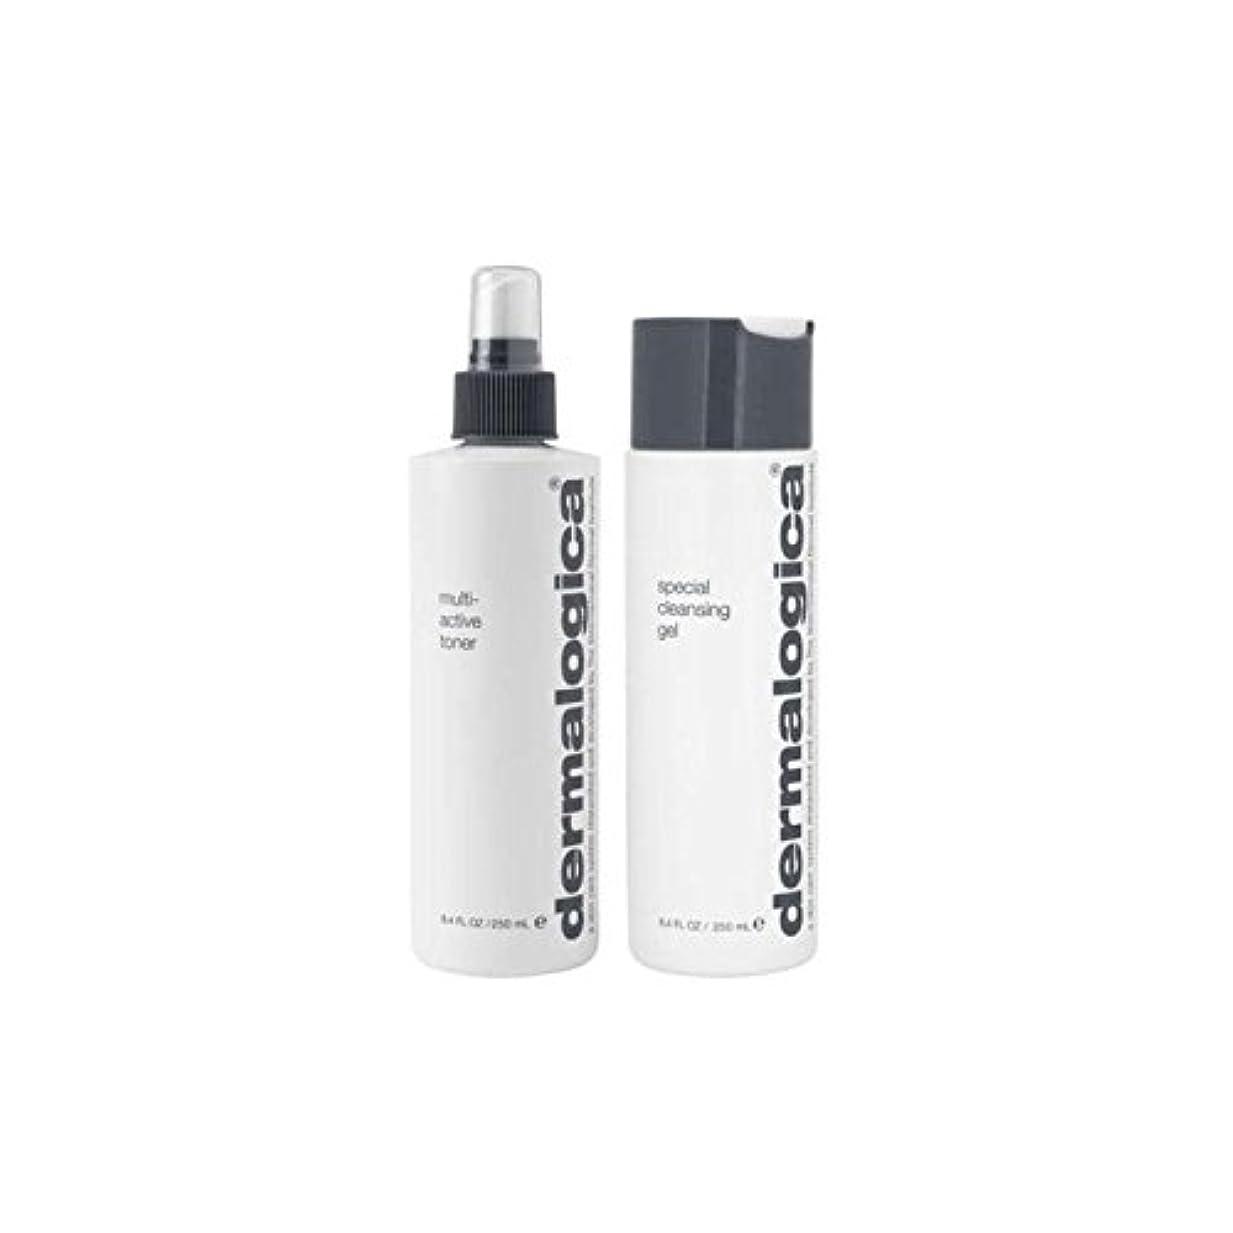 タバコ航海の振り返るダーマロジカクレンジング&トーンデュオ - ノーマル/ドライスキン(2製品) x4 - Dermalogica Cleanse & Tone Duo - Normal/Dry Skin (2 Products) (Pack...